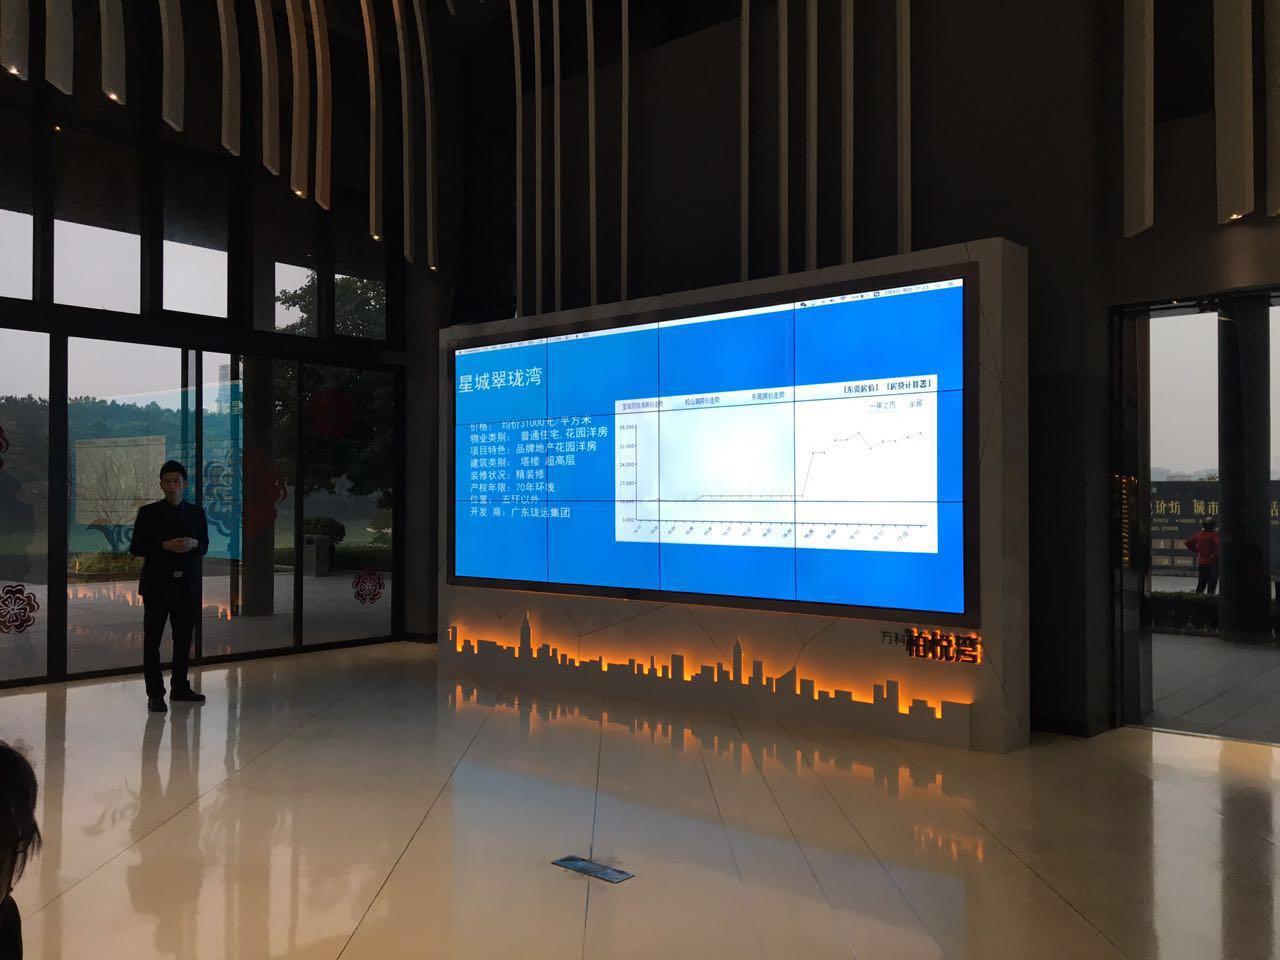 中山万科楼盘液晶拼接展览展示系统,行业大屏应用效果